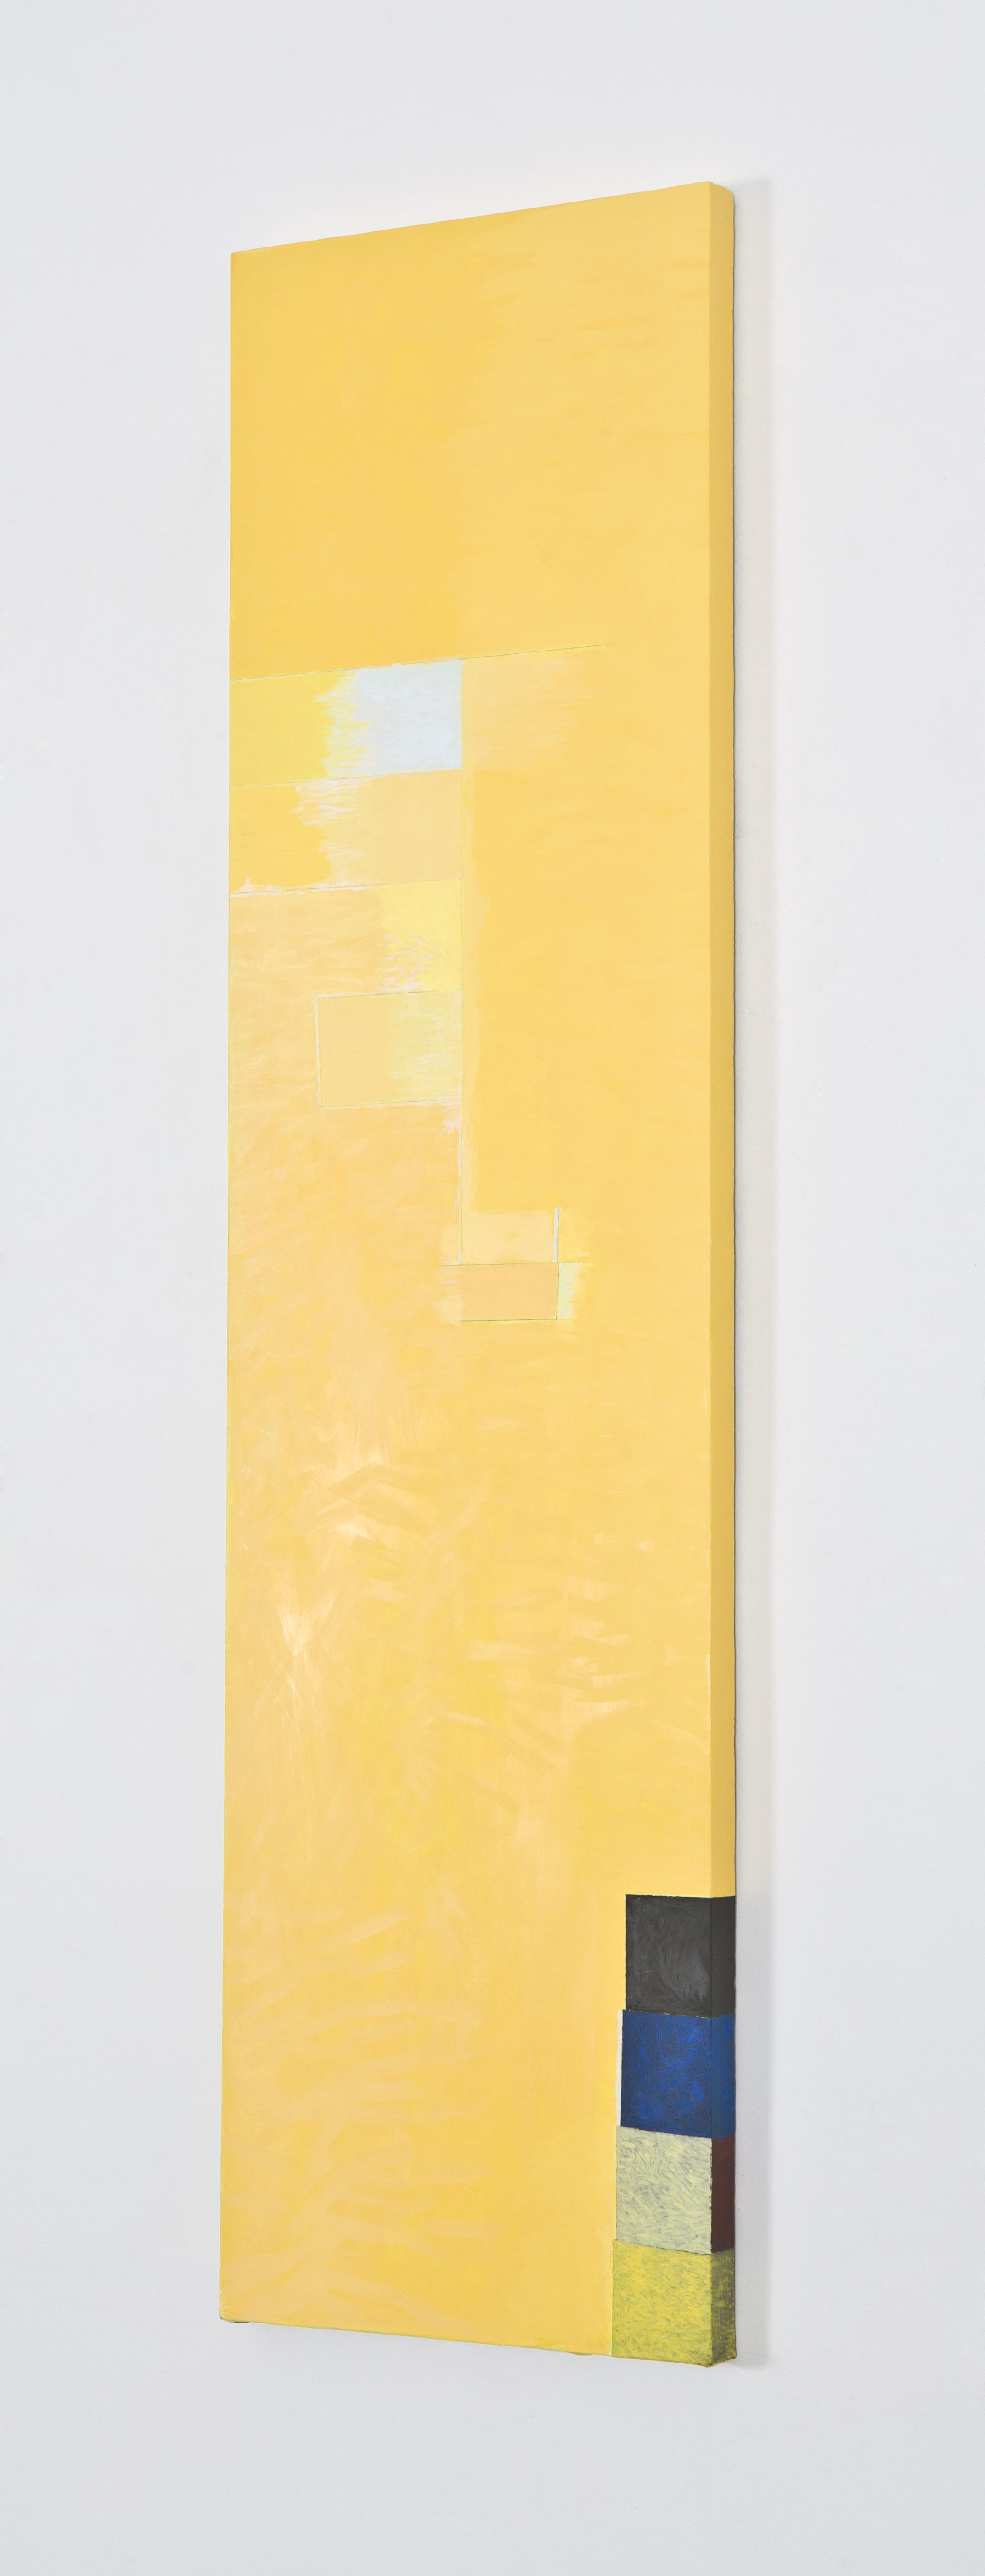 """Breathless, 2012, oil on linen, 66 1/2""""x17 1/2"""" (detail)"""